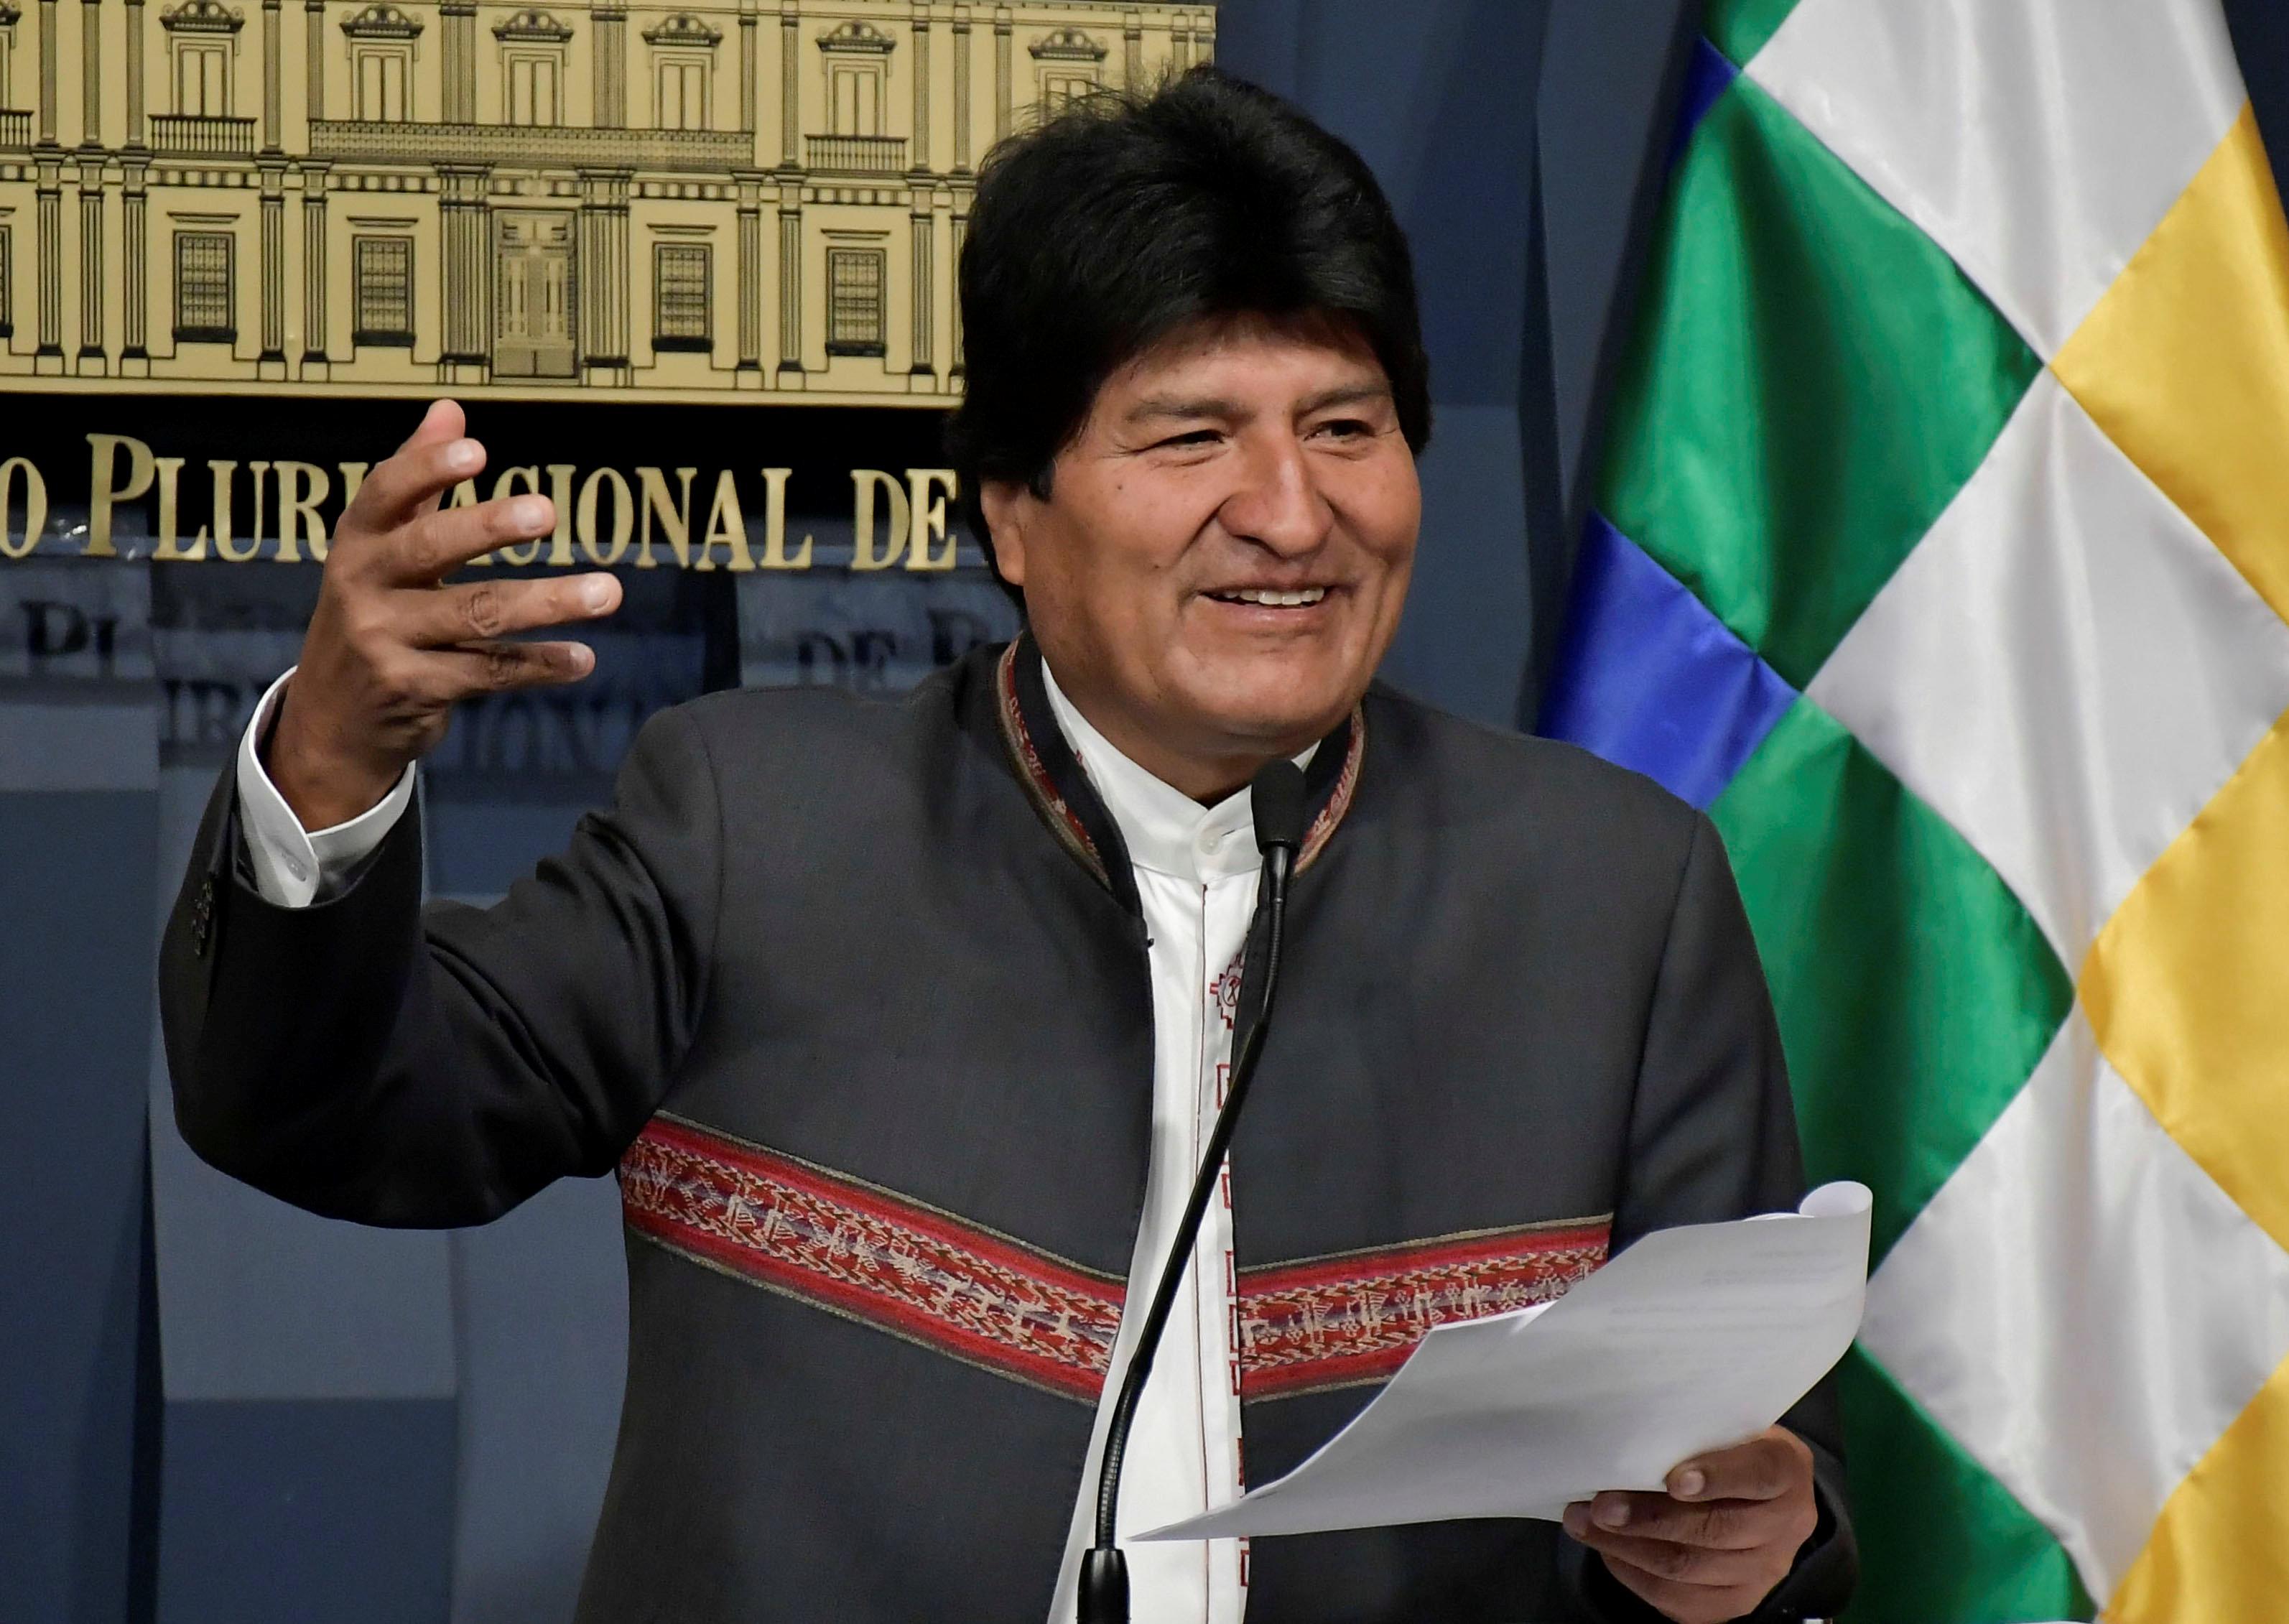 Evo Morales plantea alcanzar cero pobreza extrema en Bolivia